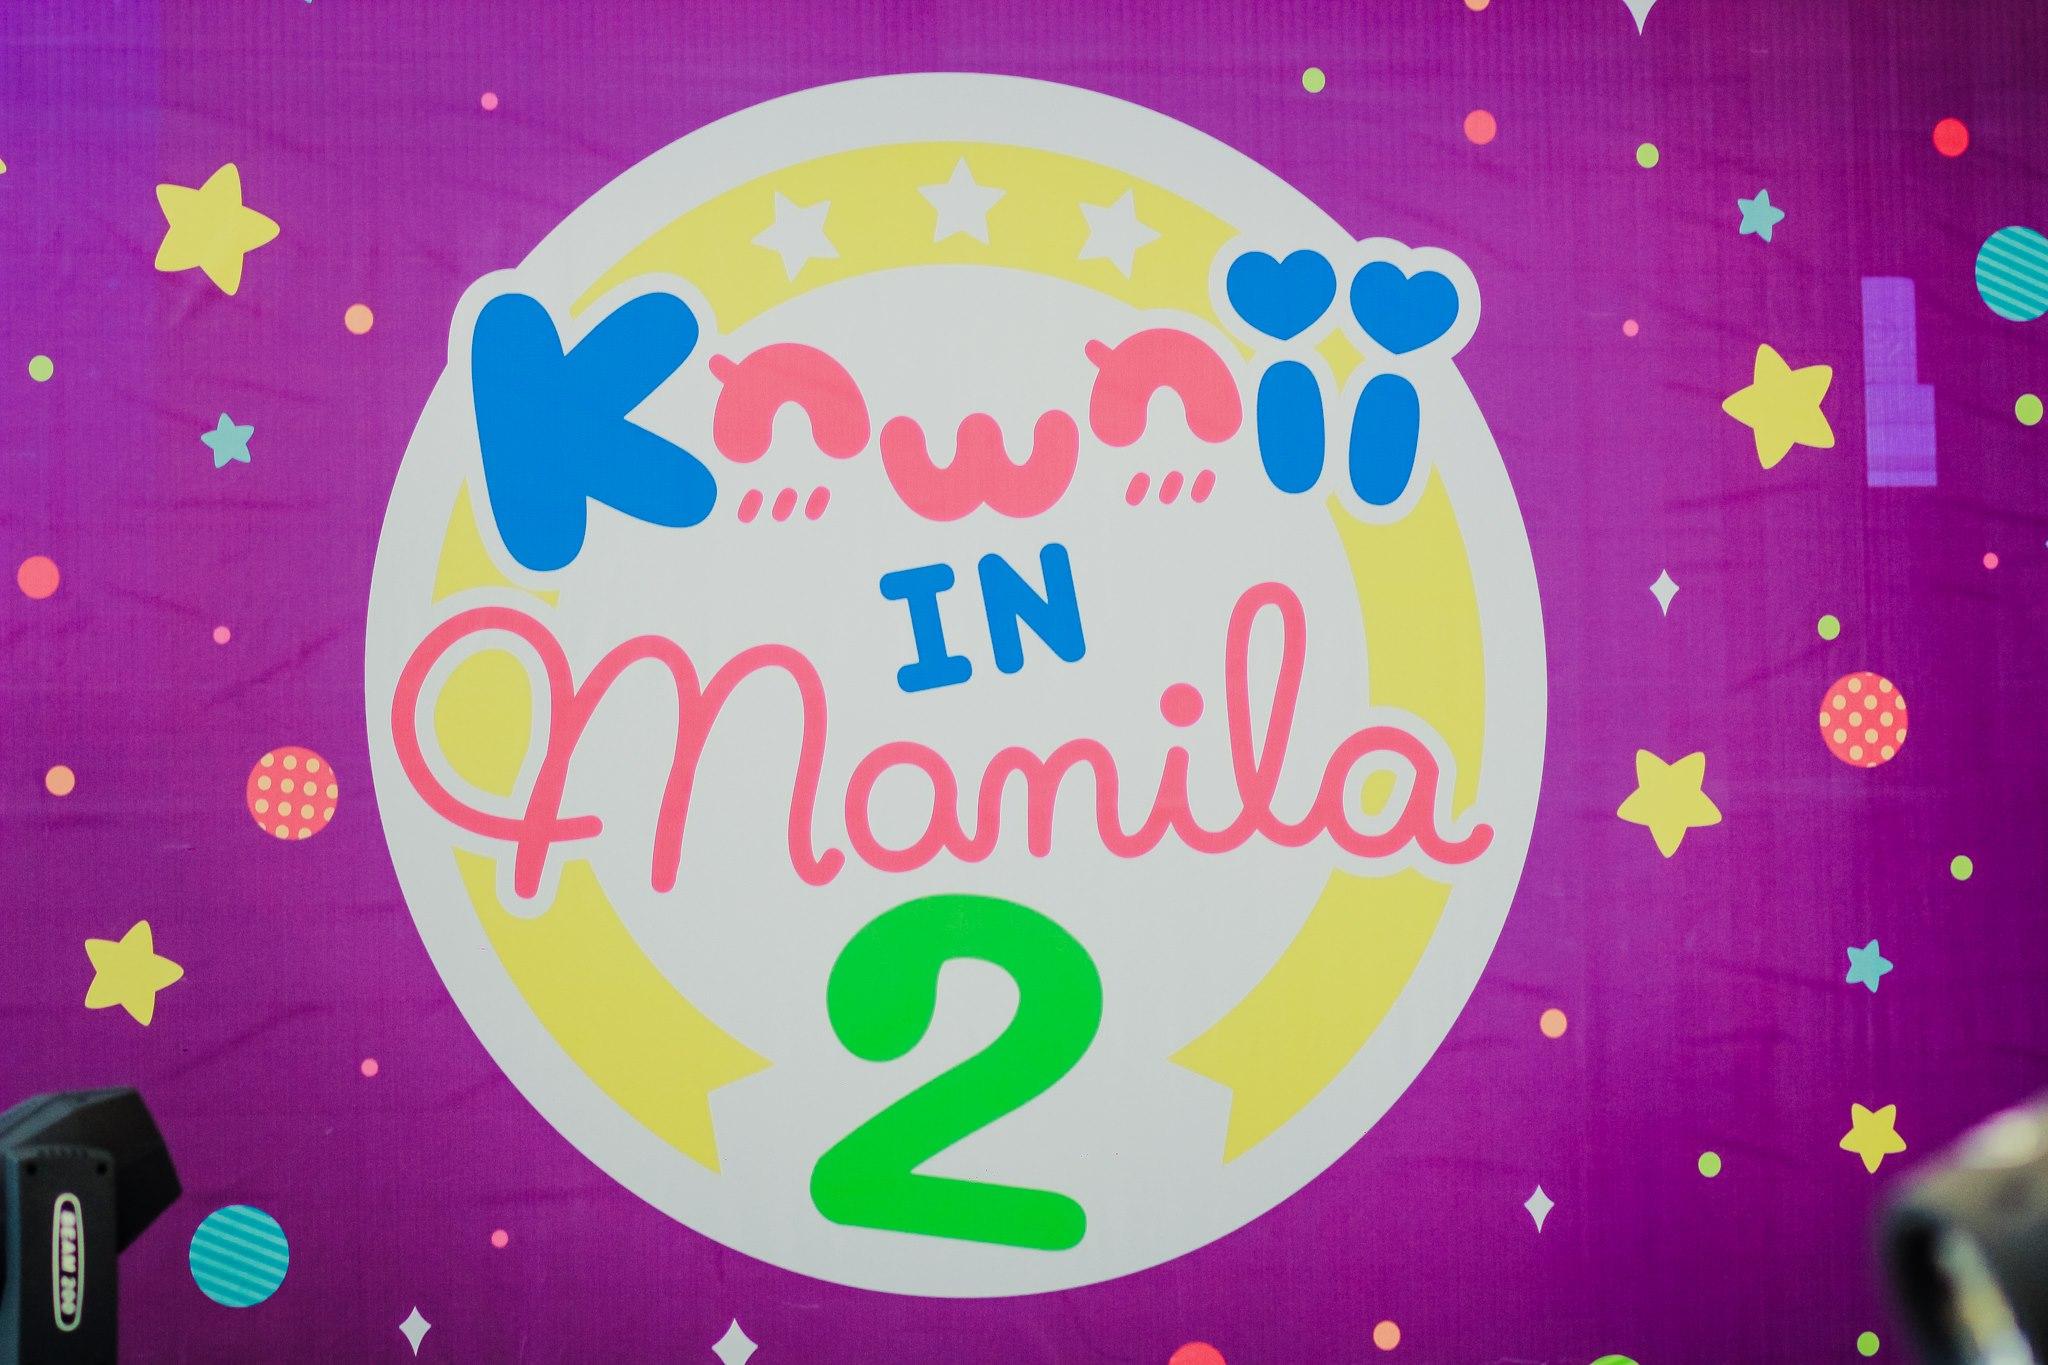 kawaii in manila 2